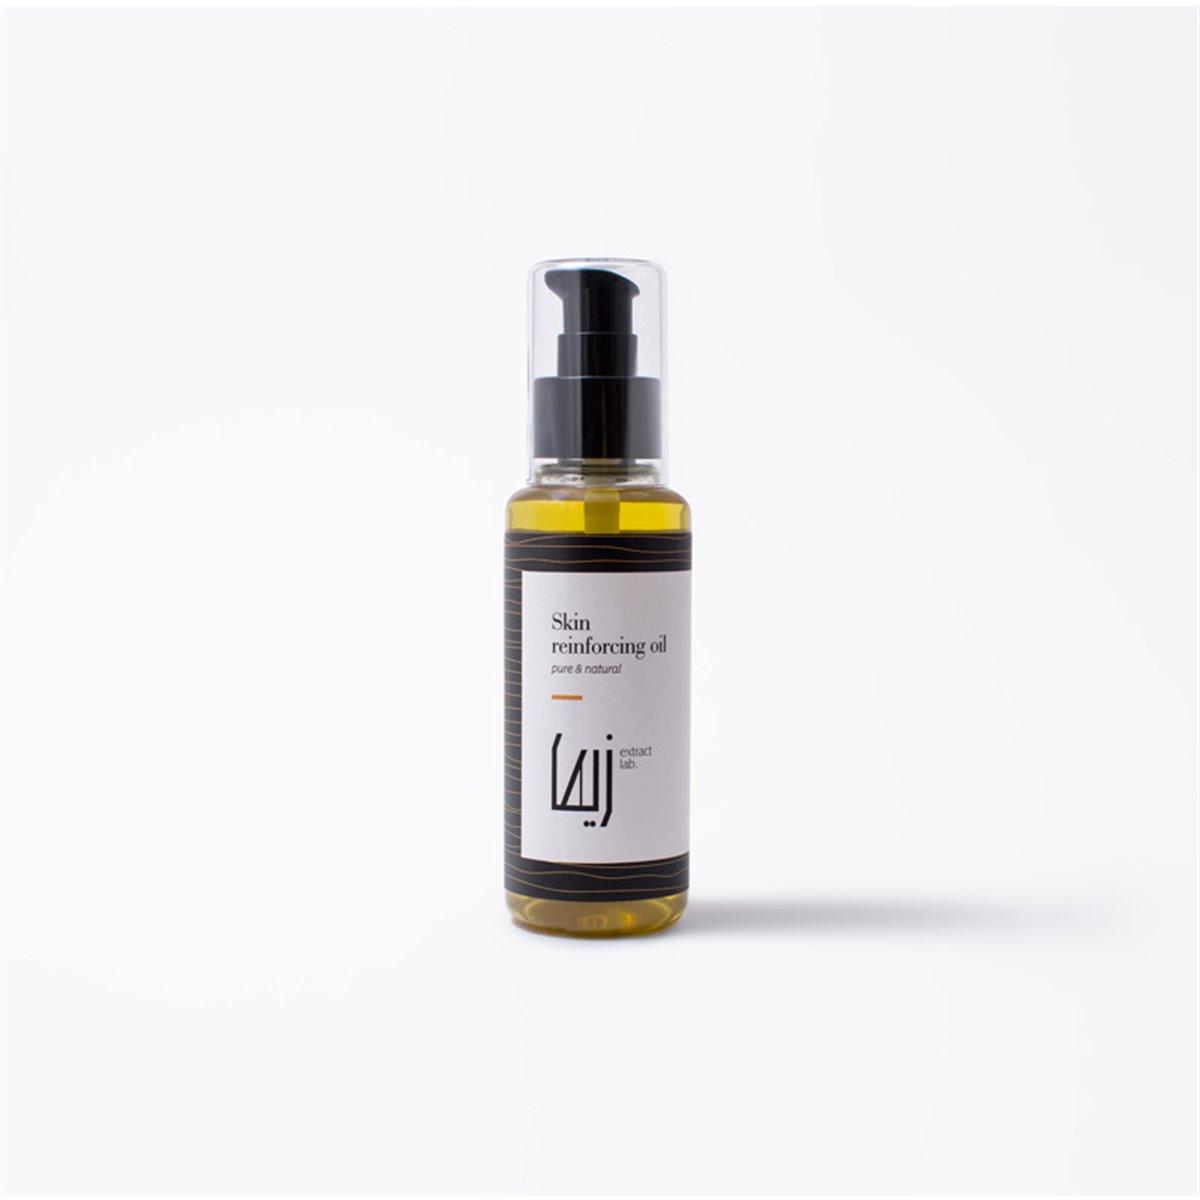 روغن تقویت پوست خشک زیمالب برای جلوگیری از خشکی پوست